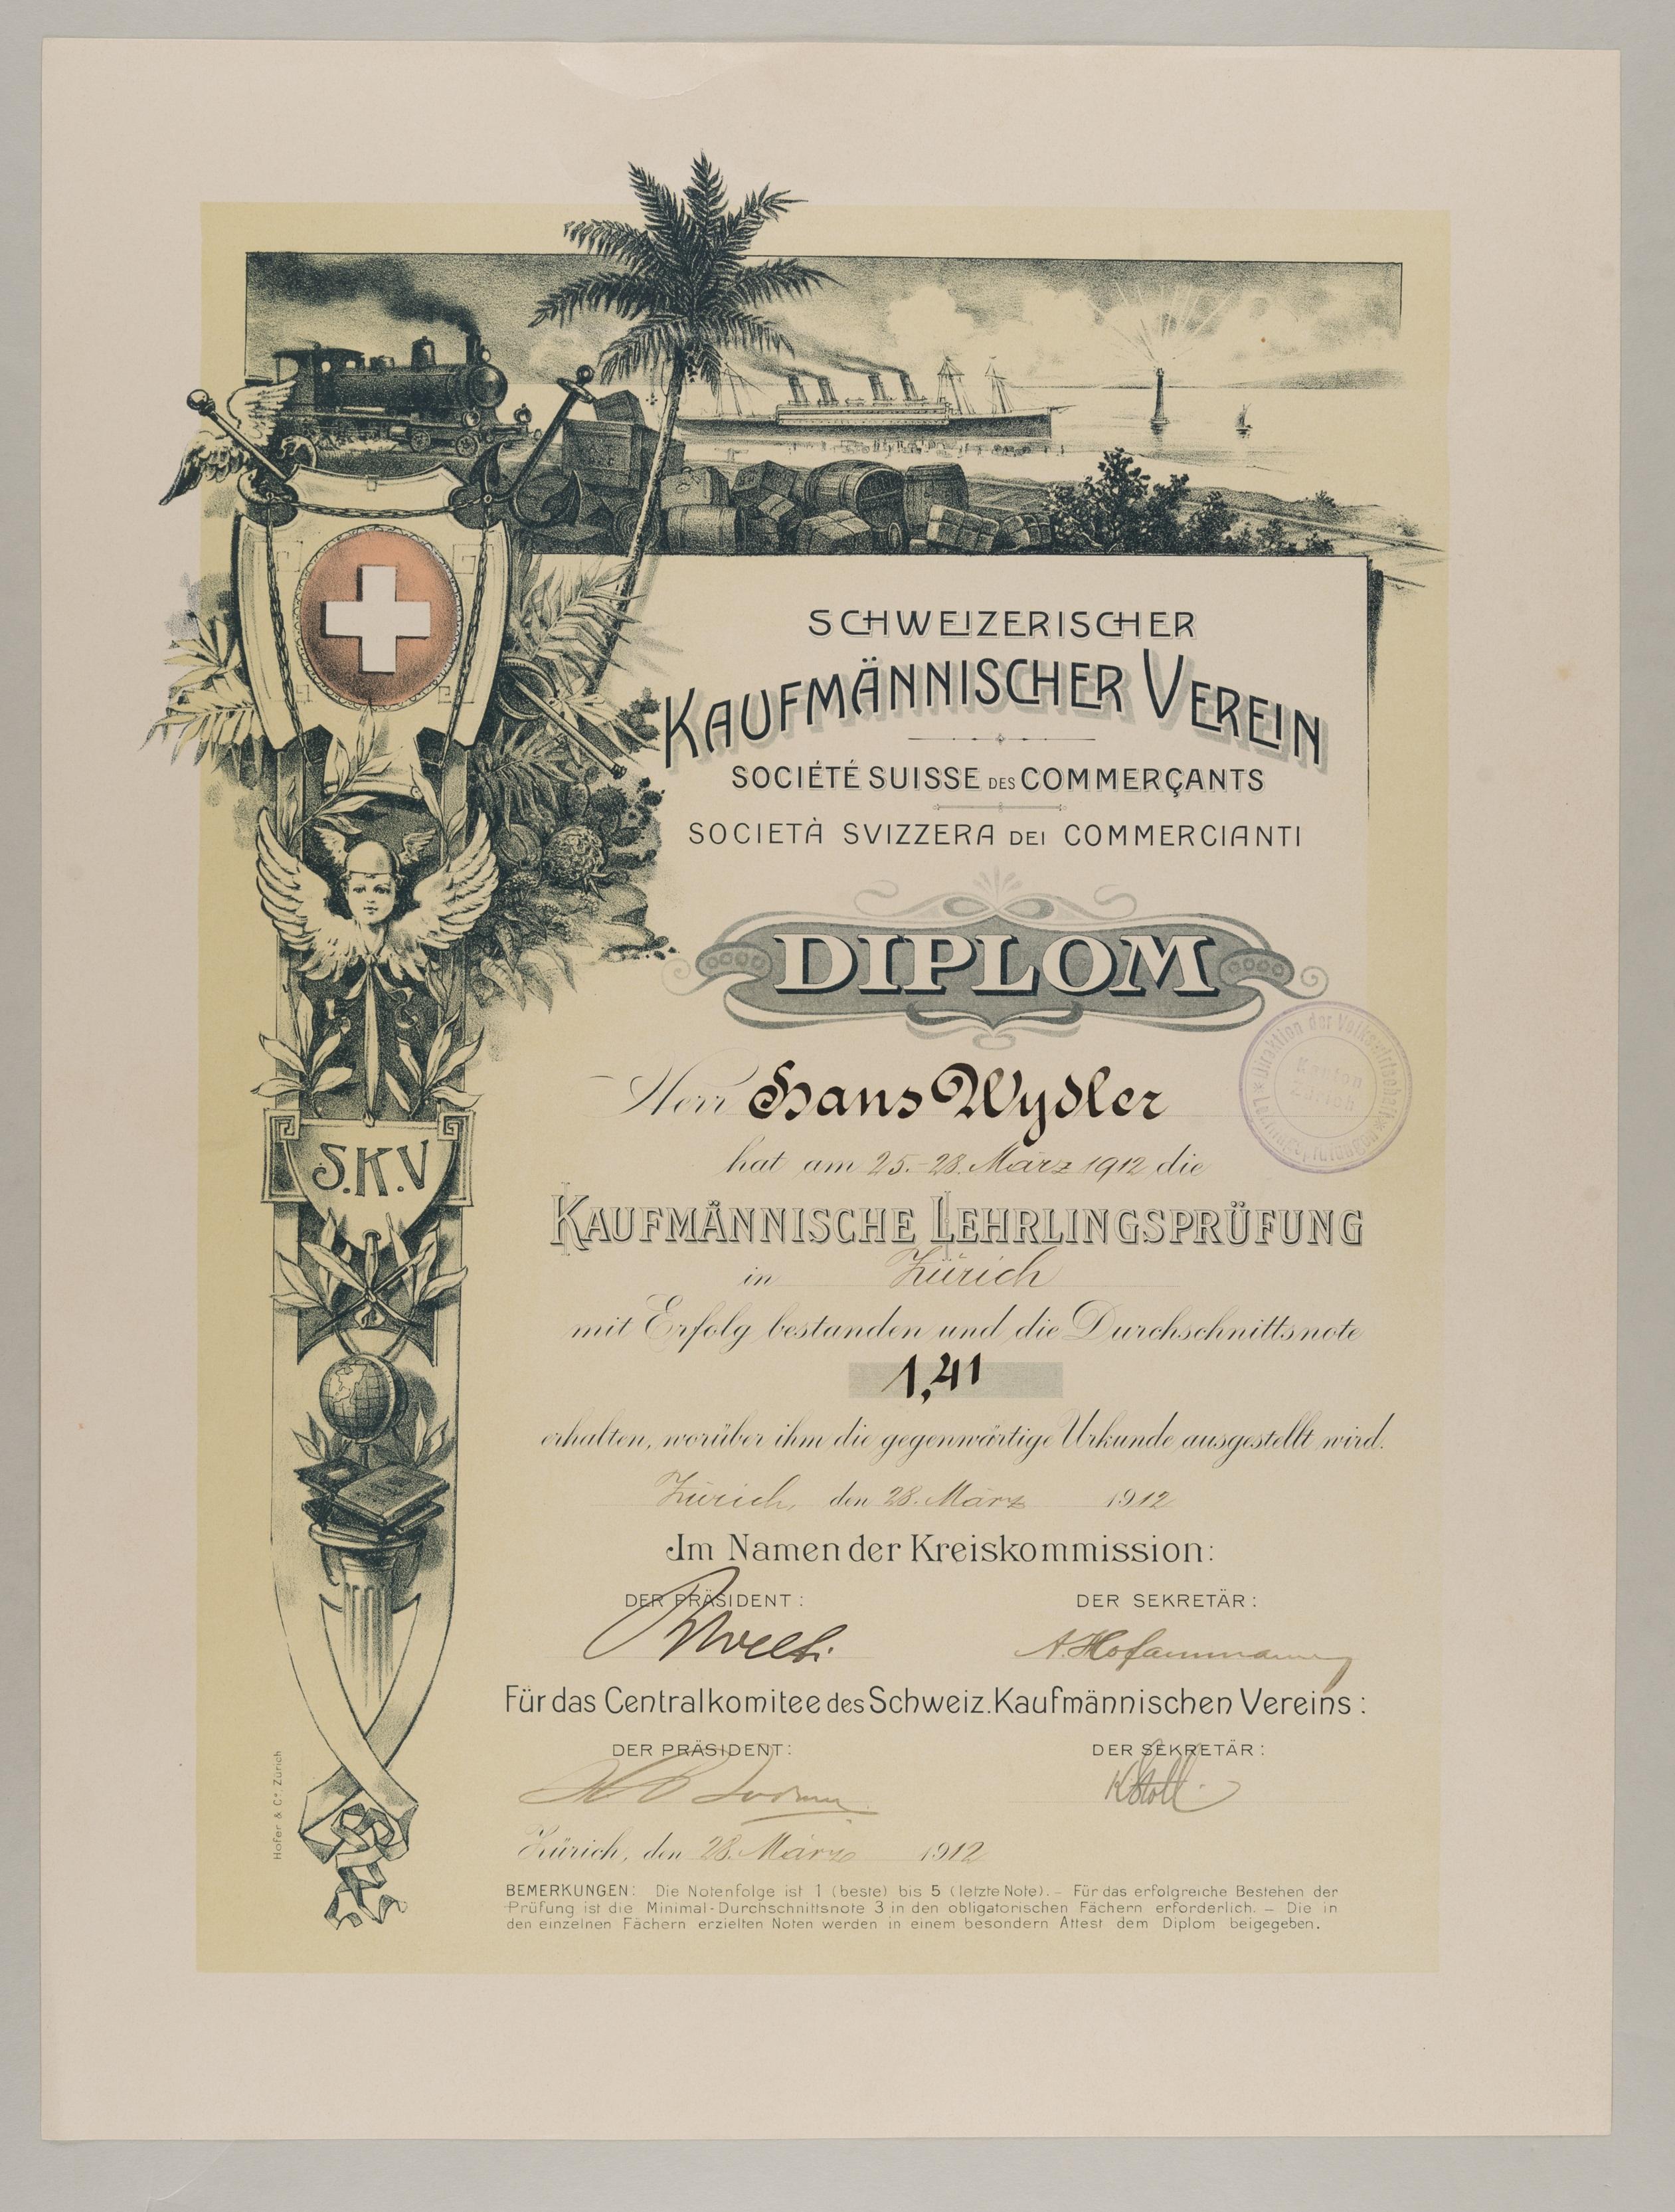 Diplom für Lehrlingsprüfung, 1912. © Schweizerisches Nationalmuseum